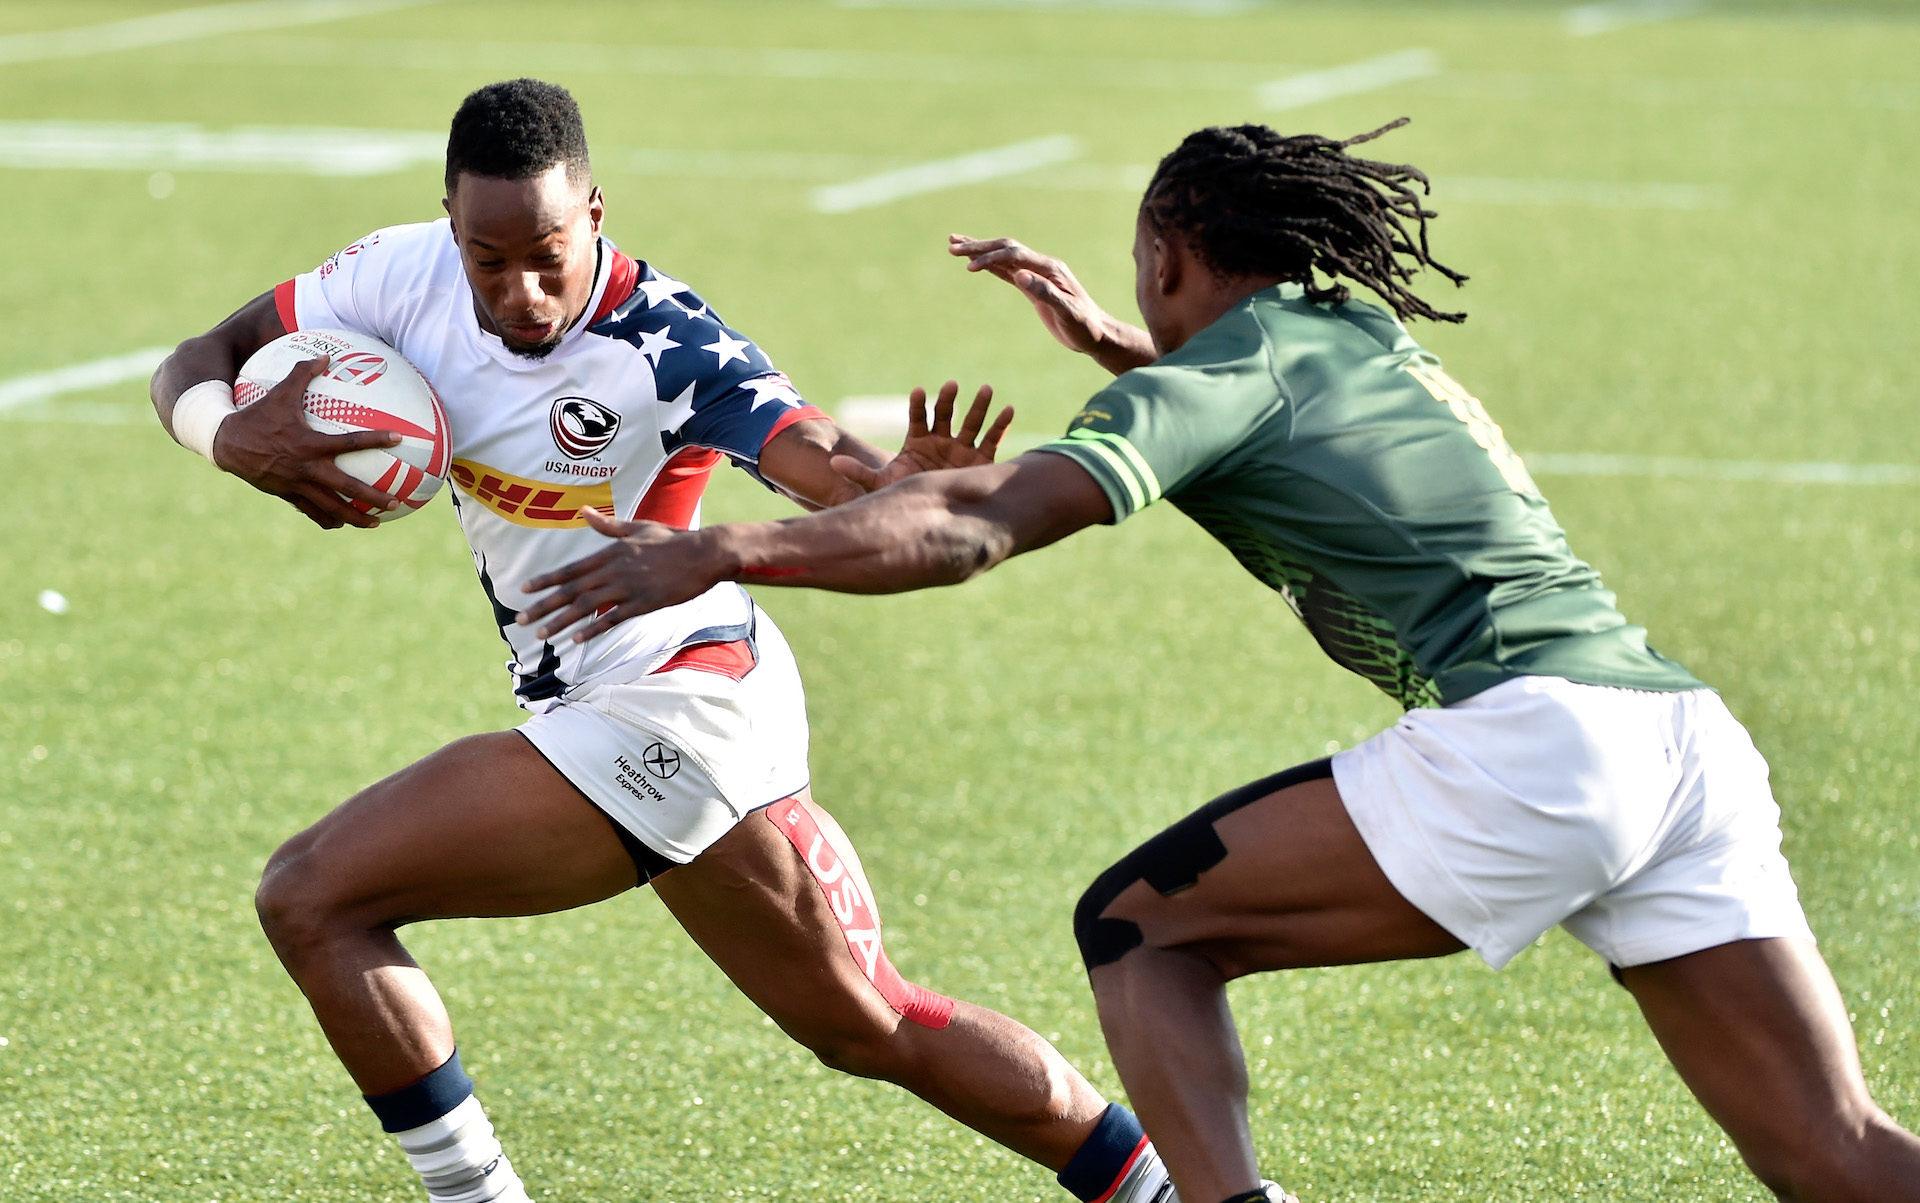 Connaissez-vous le joueur de rugby le plus rapide?